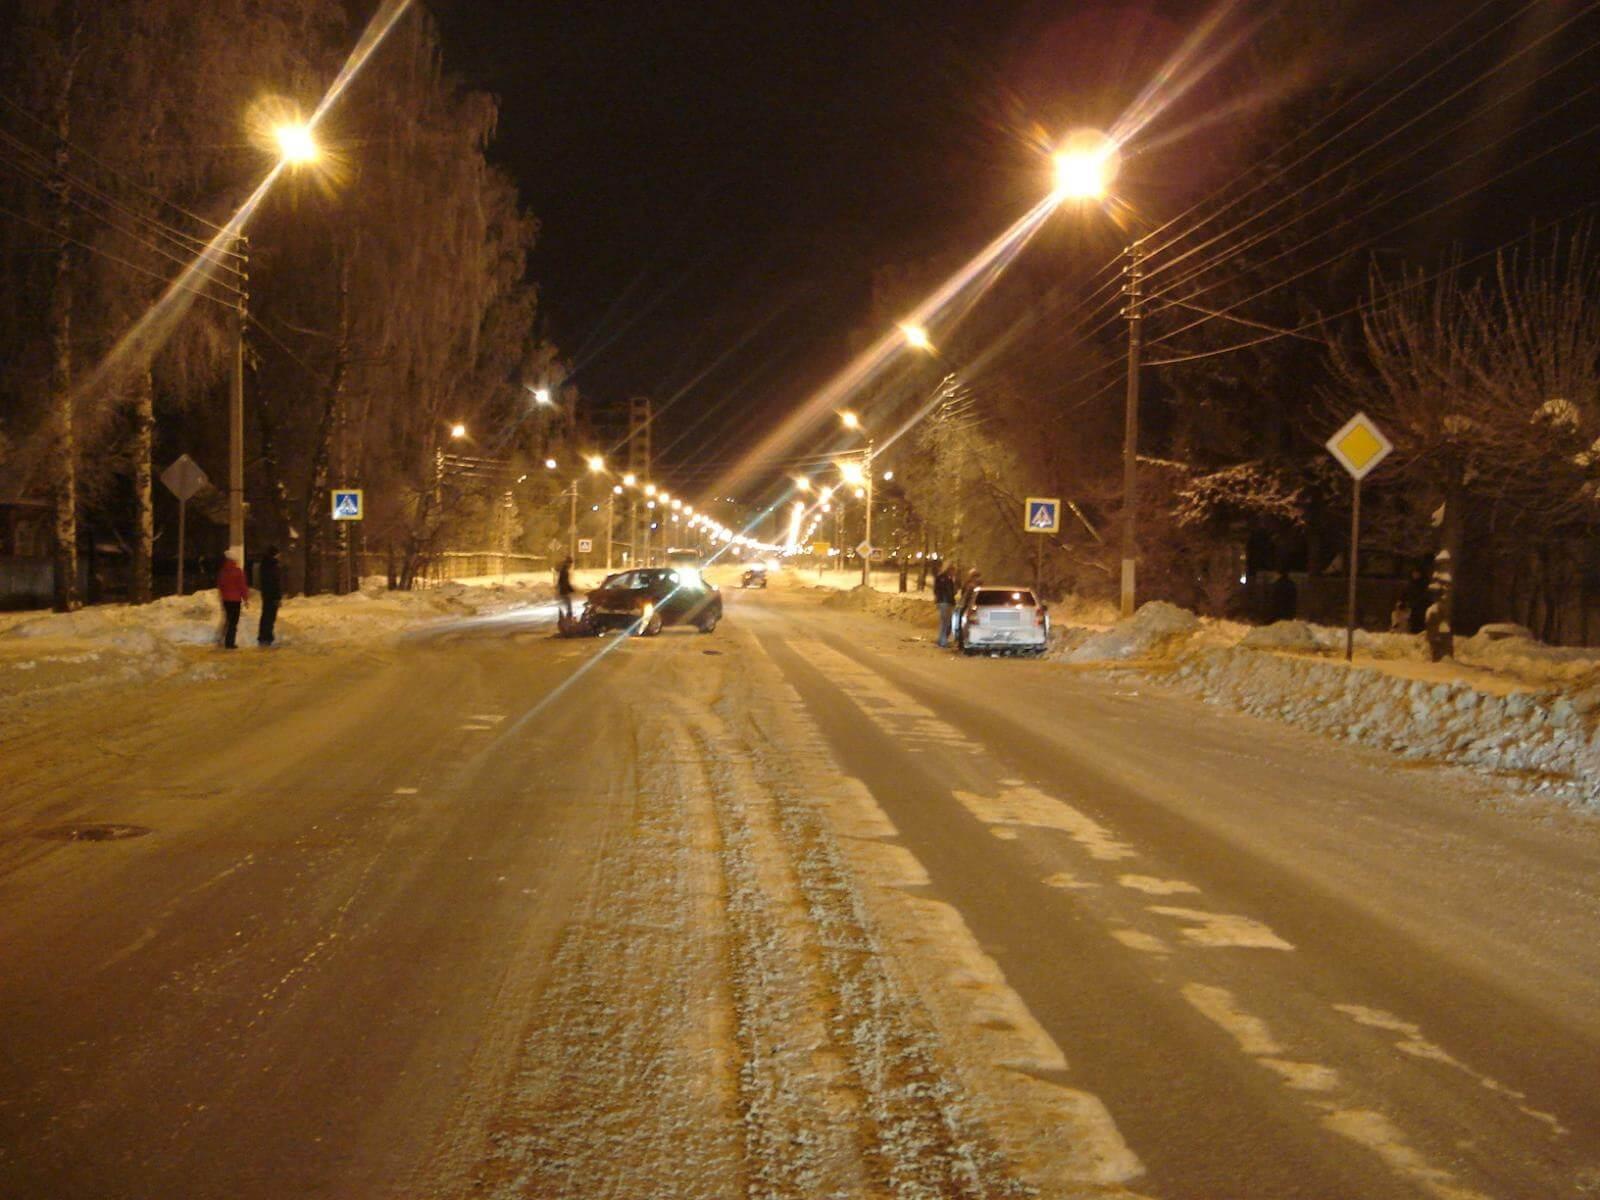 На дорогах области в 4 ДТП пострадали 9 человек